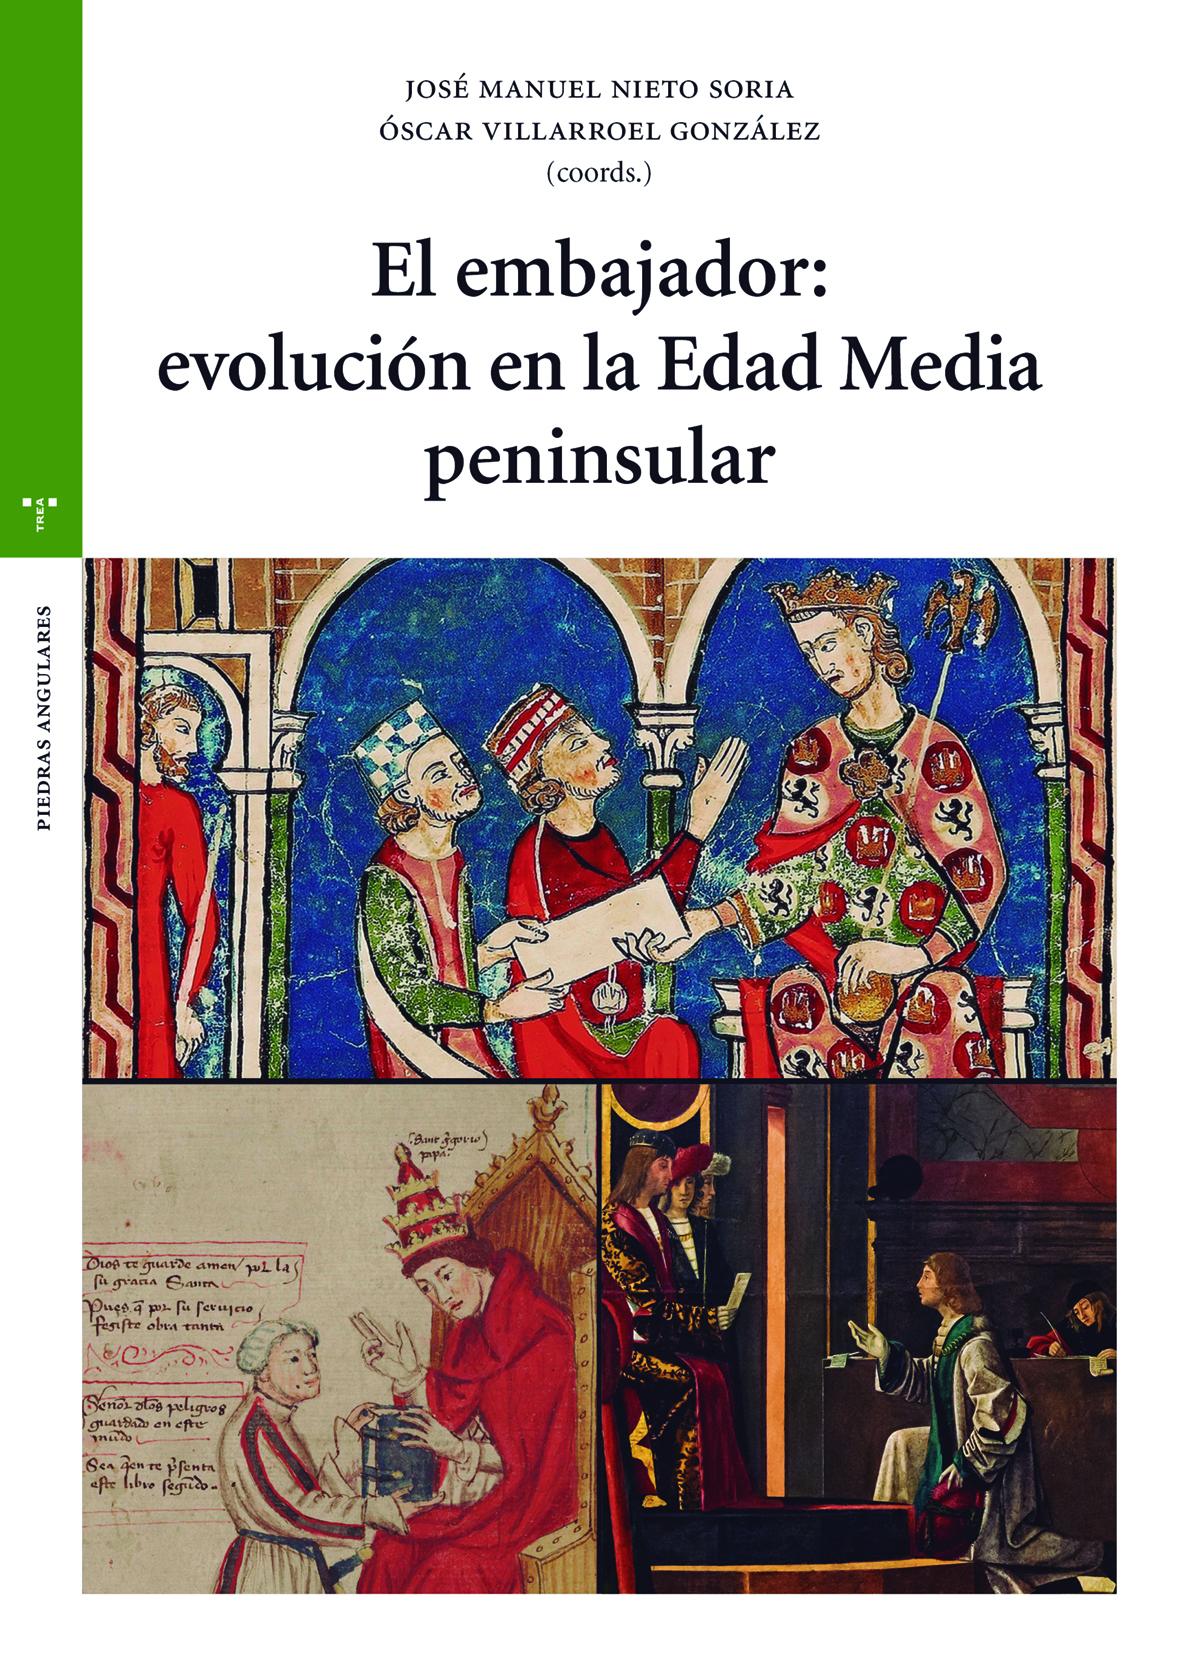 El embajador: evolución en la Edad Media peninsular